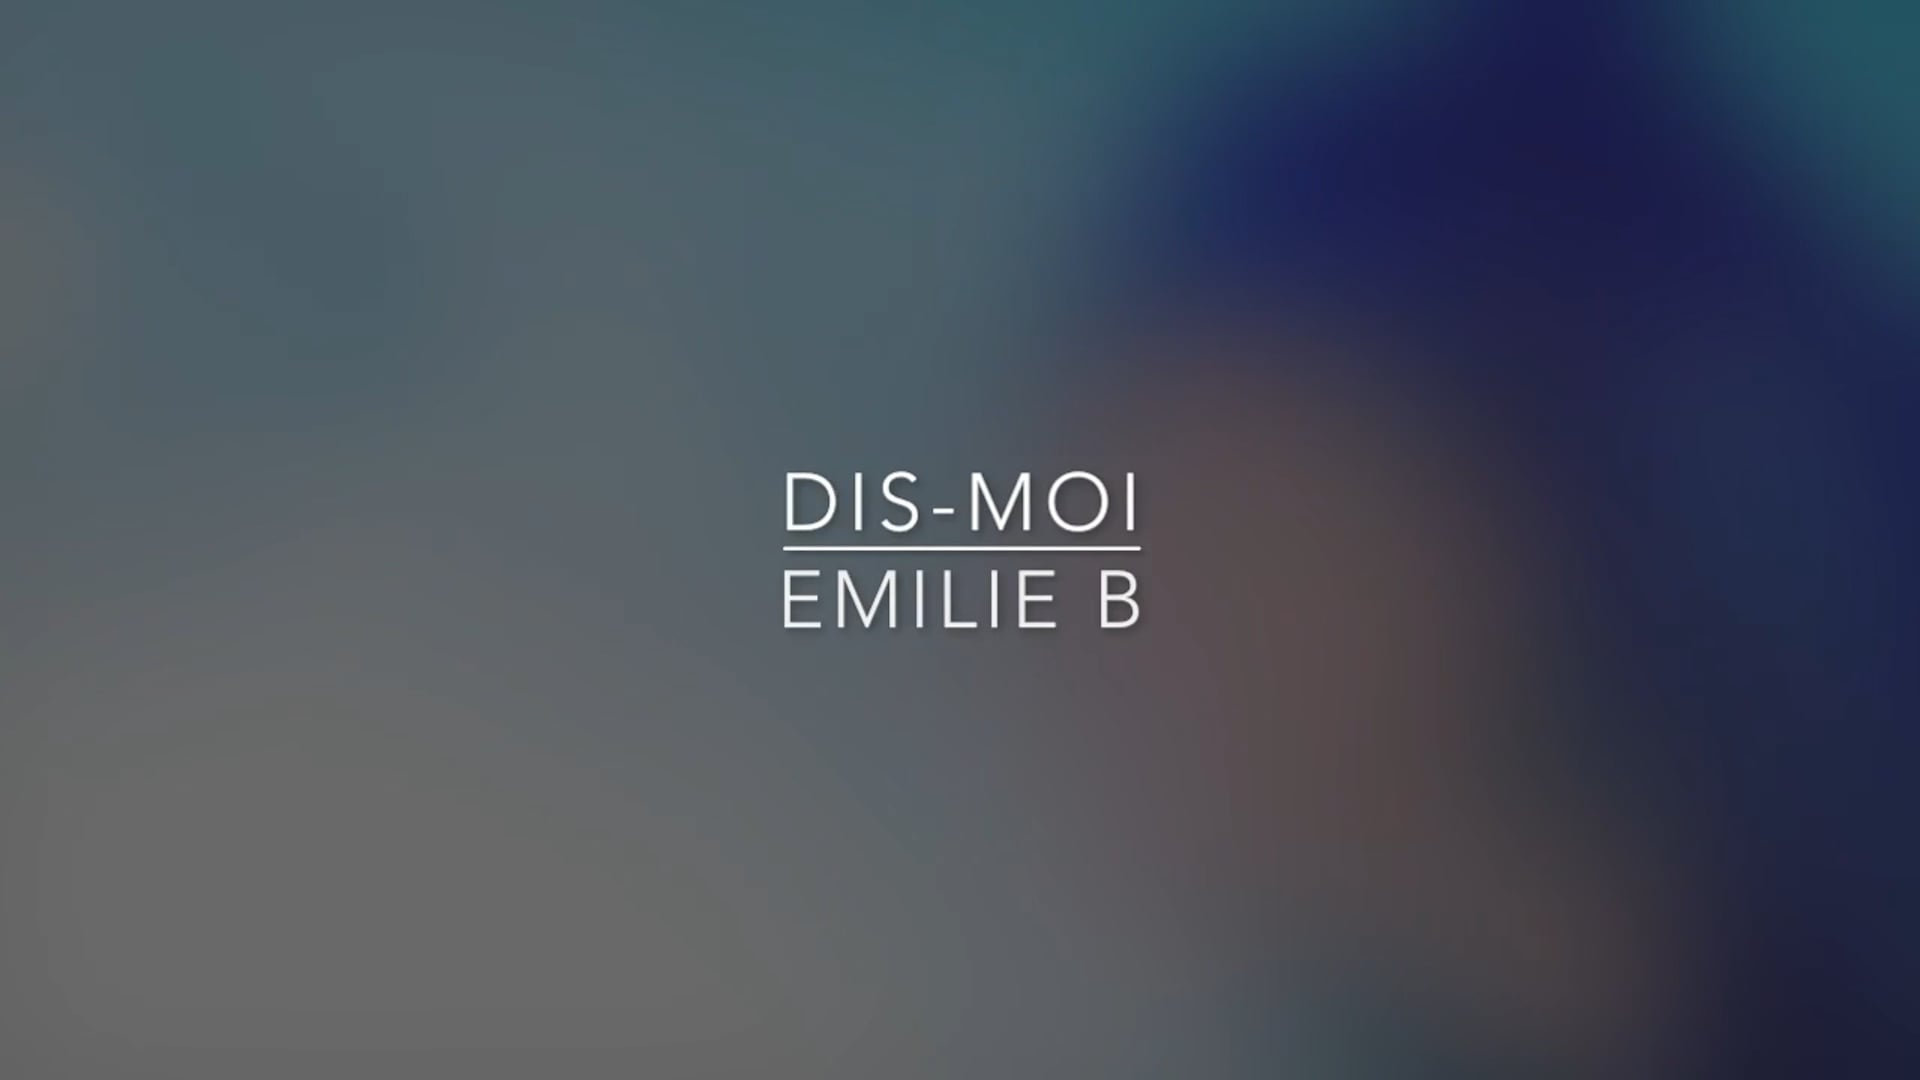 Dis-Moi / Emilie B